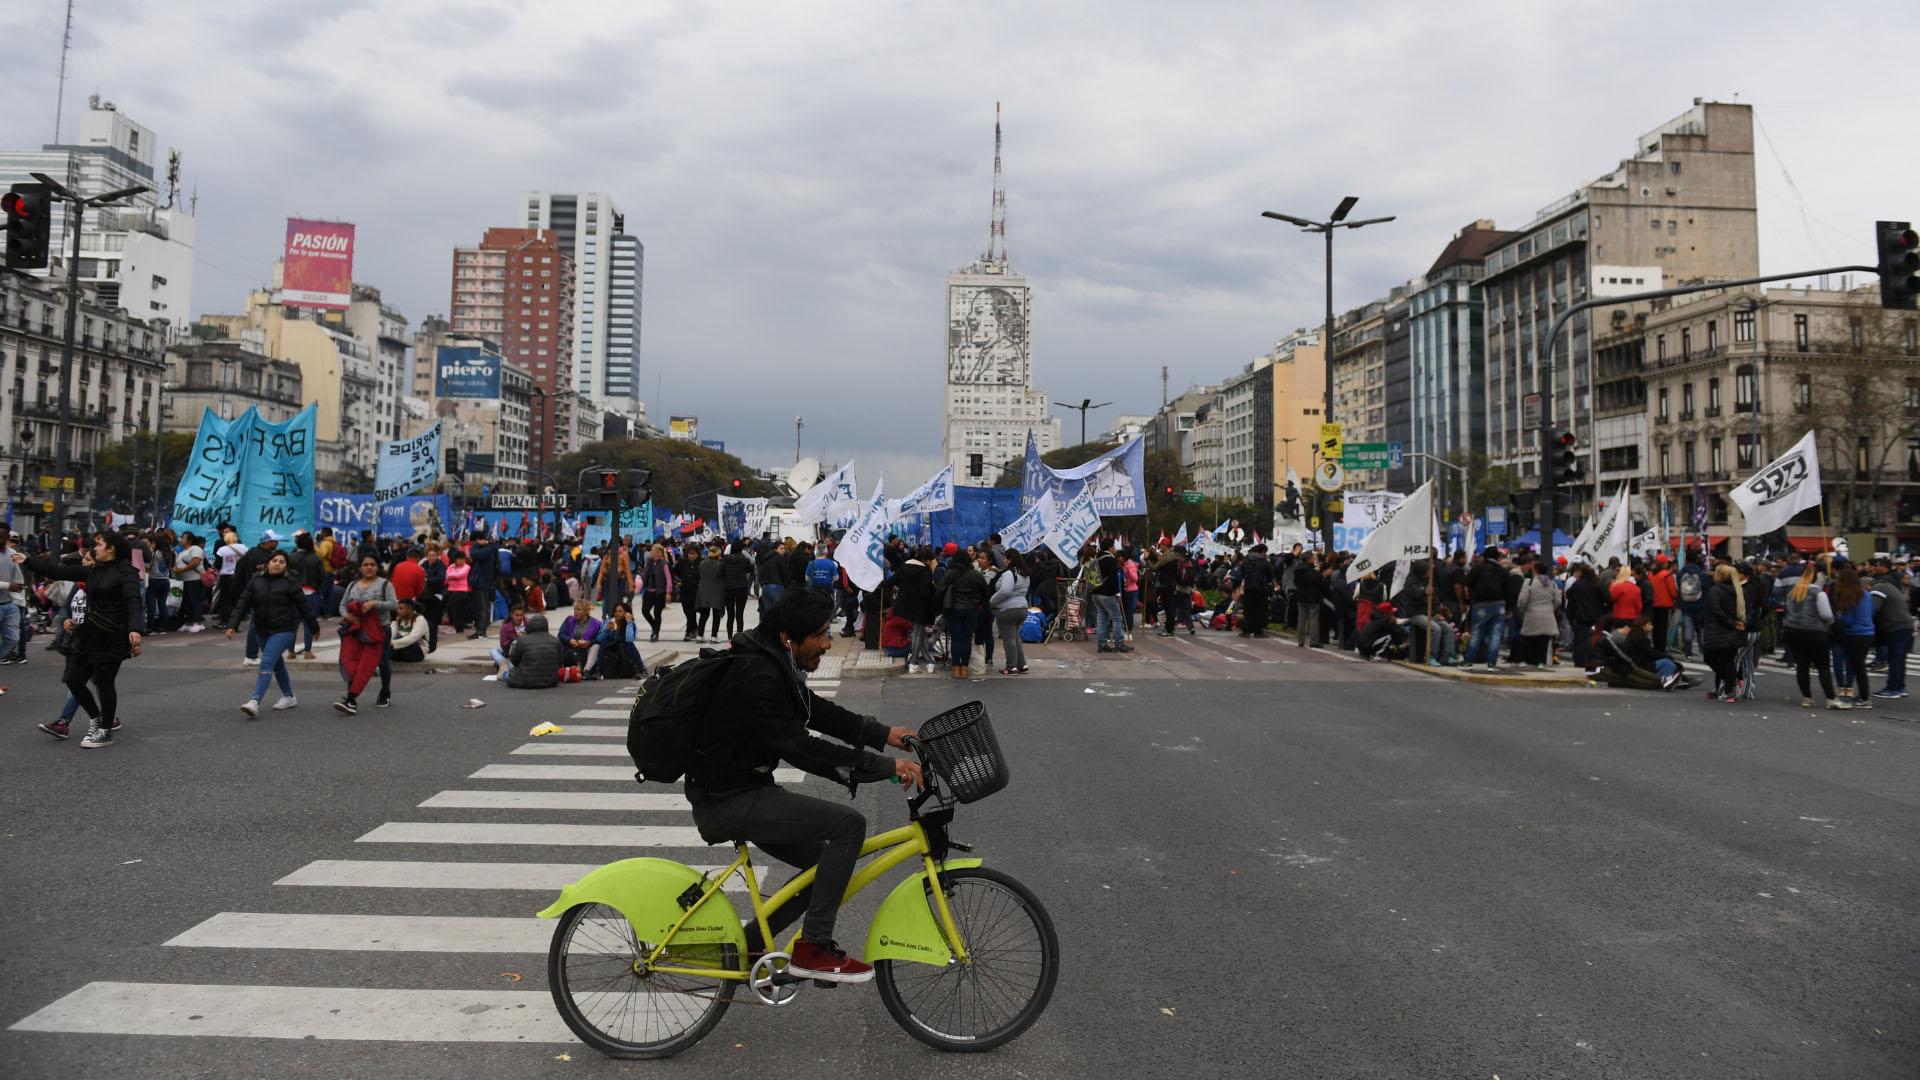 Una postal de la manifestación que pobló la principal avenida de la Ciudad